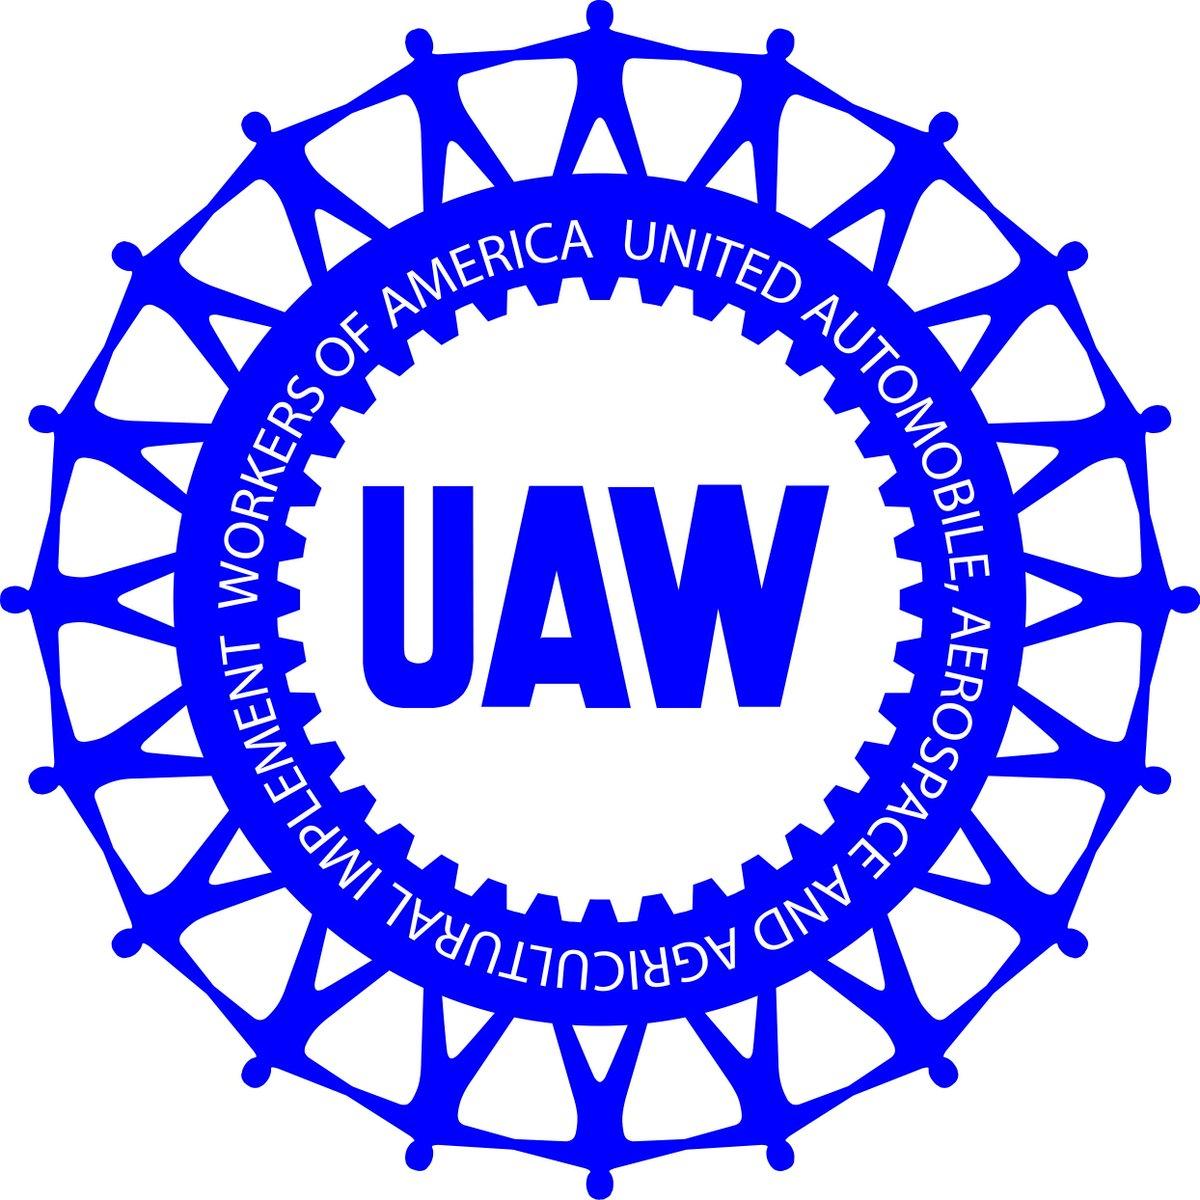 1935 : UAW Organized